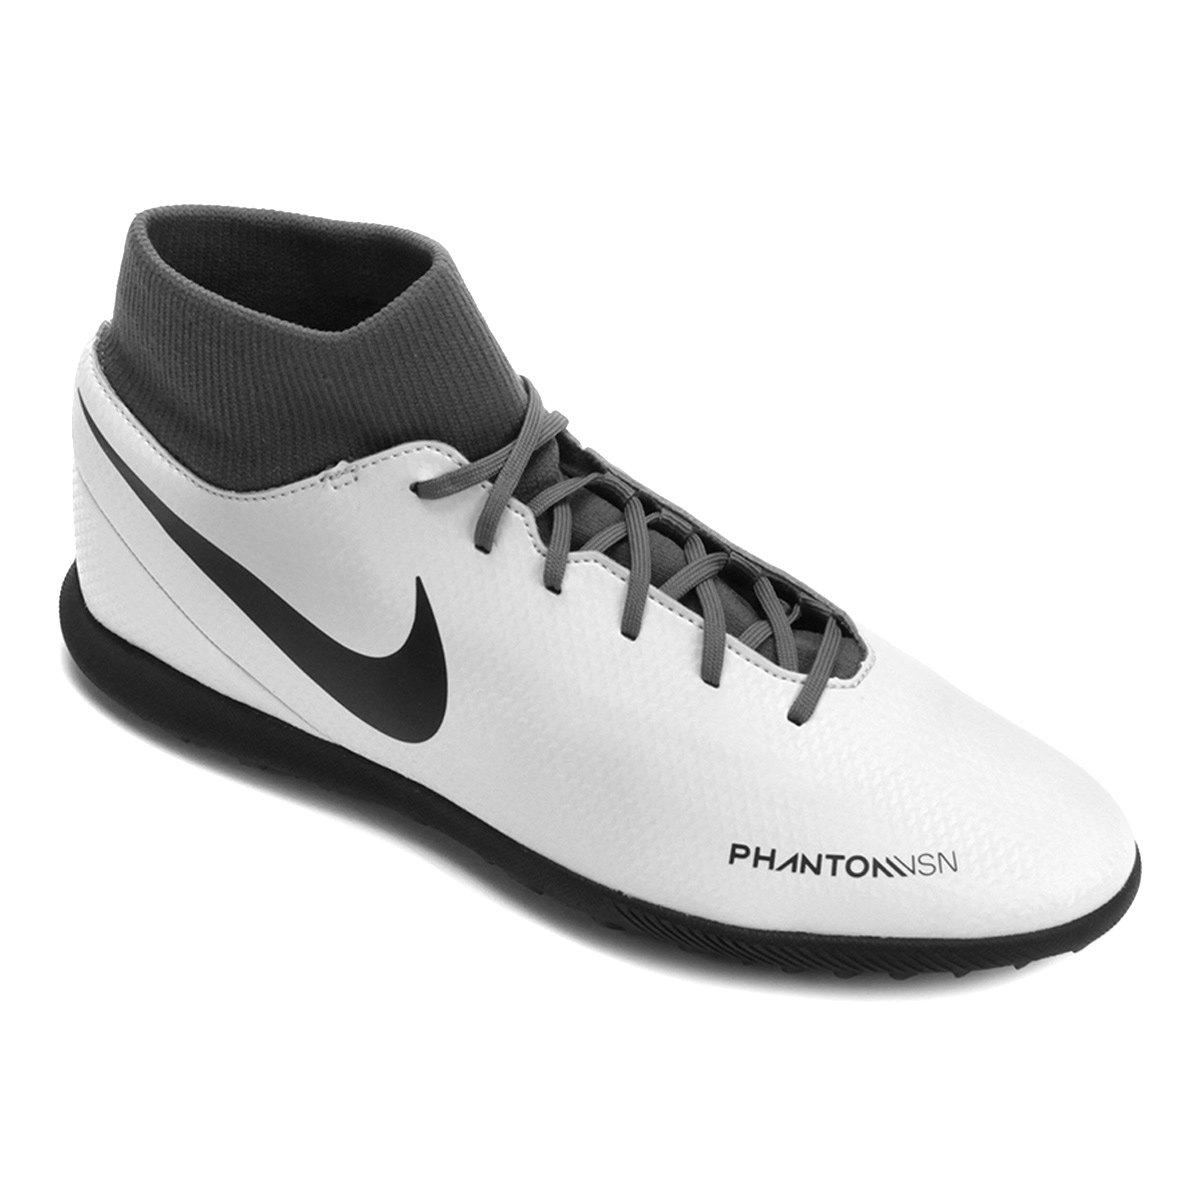 7ebccbe410 Chuteira Society Nike Phantom Vision Club DF TF - Cinza - Compre ...